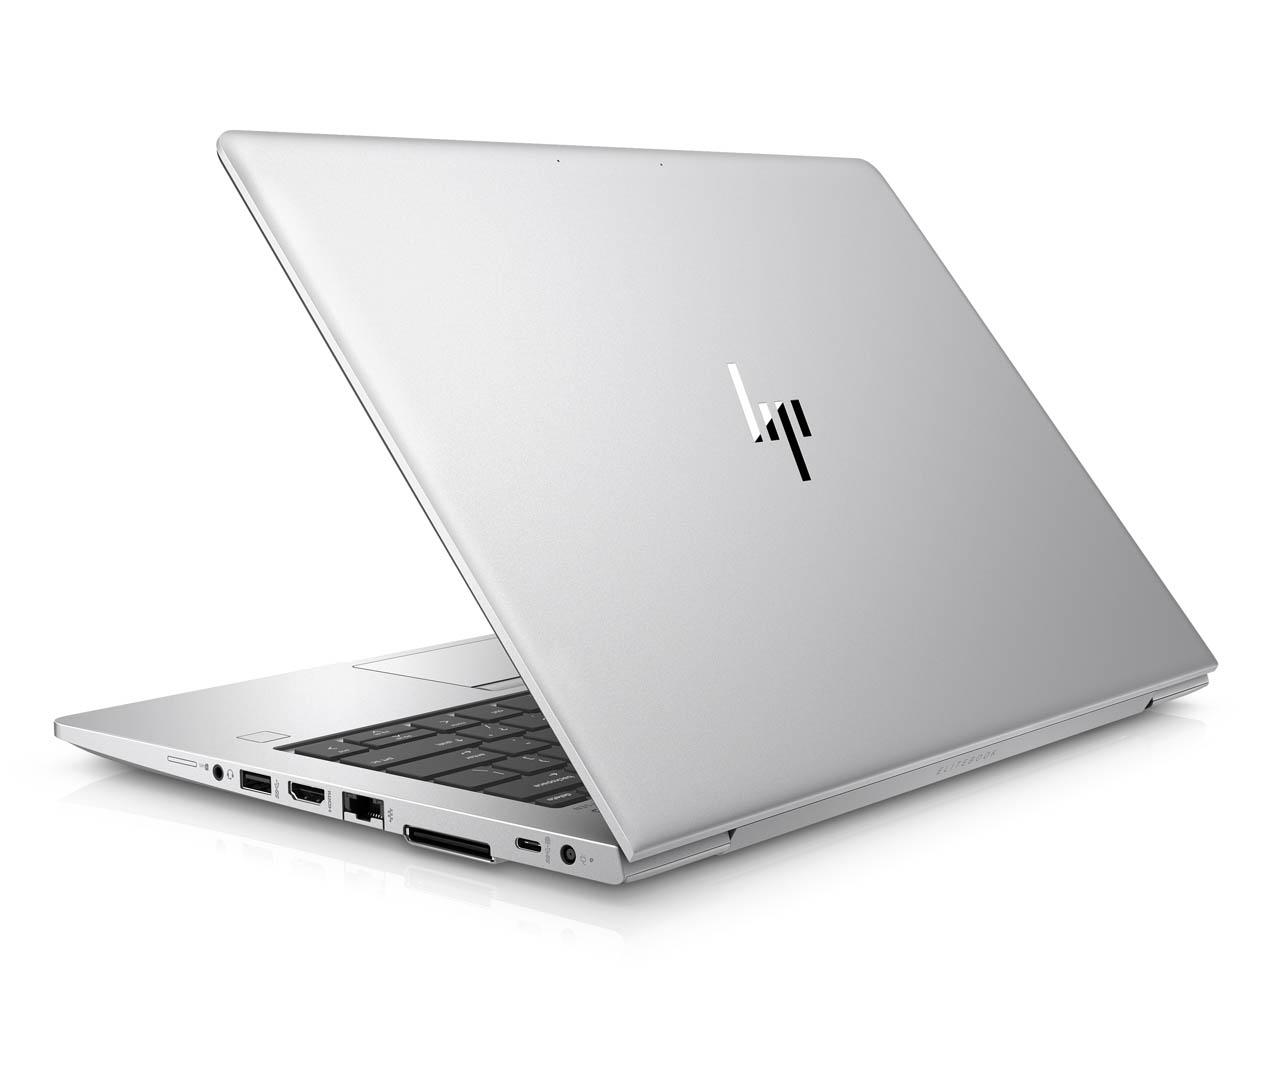 HP annuncia gli EliteBook 700 G6 e l'HP mt45 Mobile Thin Client 5